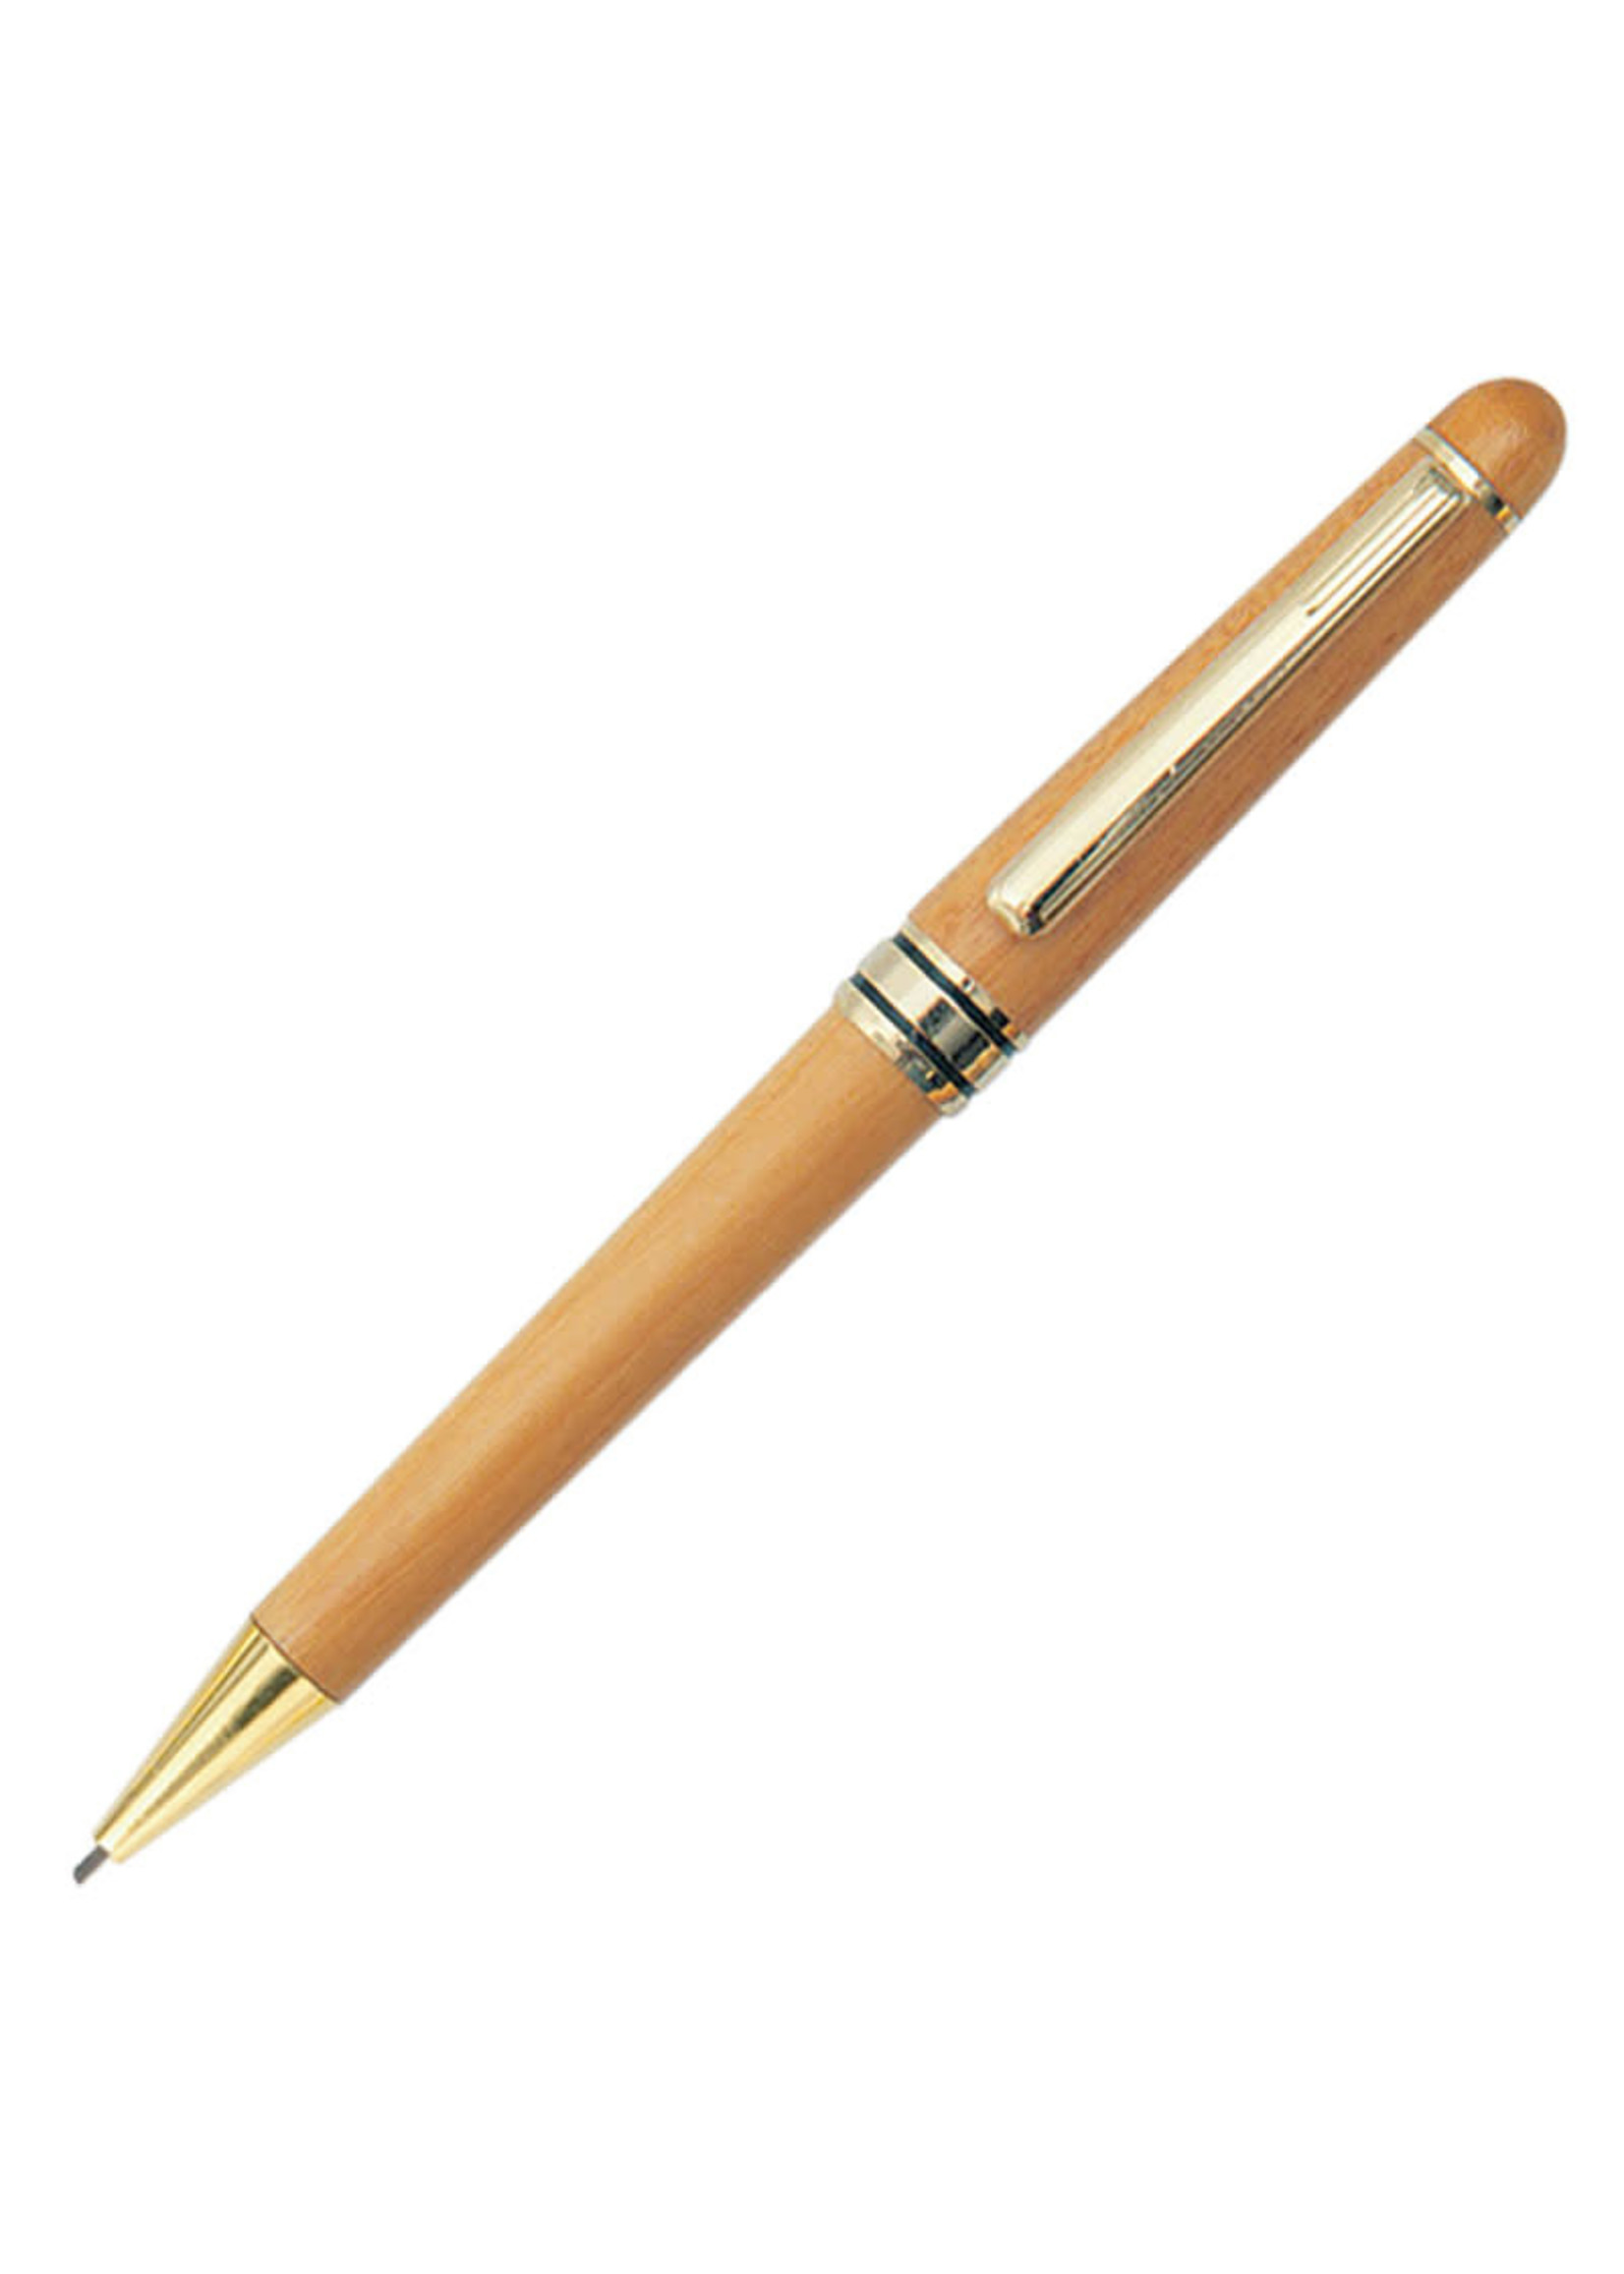 Maple Executive Pencil